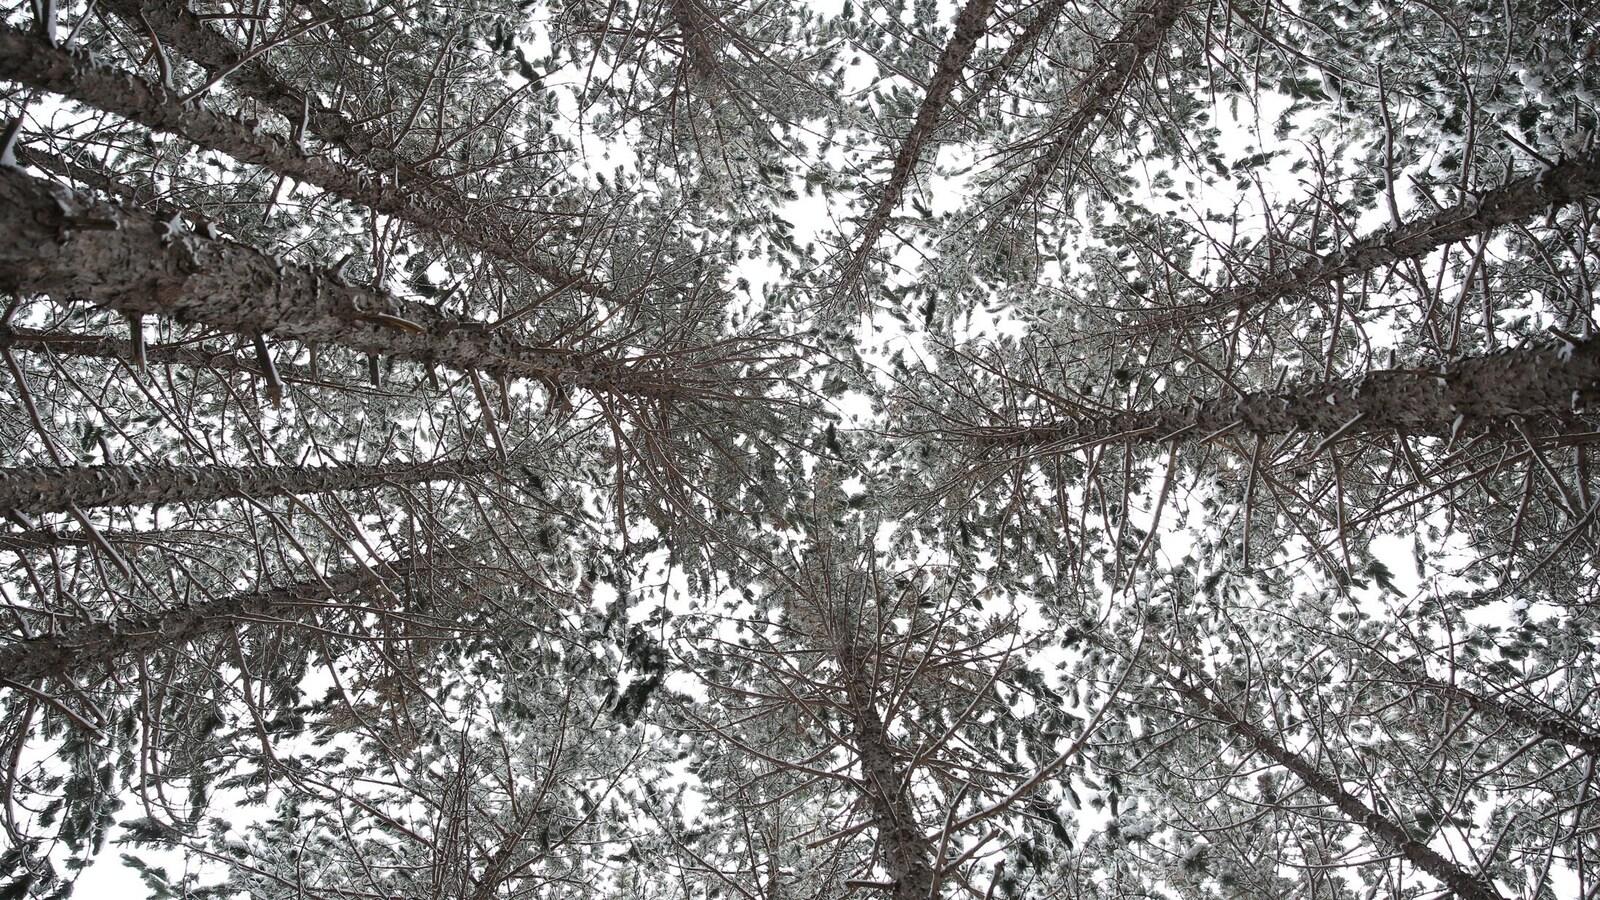 Des arbres enneigés dans le Nord de l'Ontario.